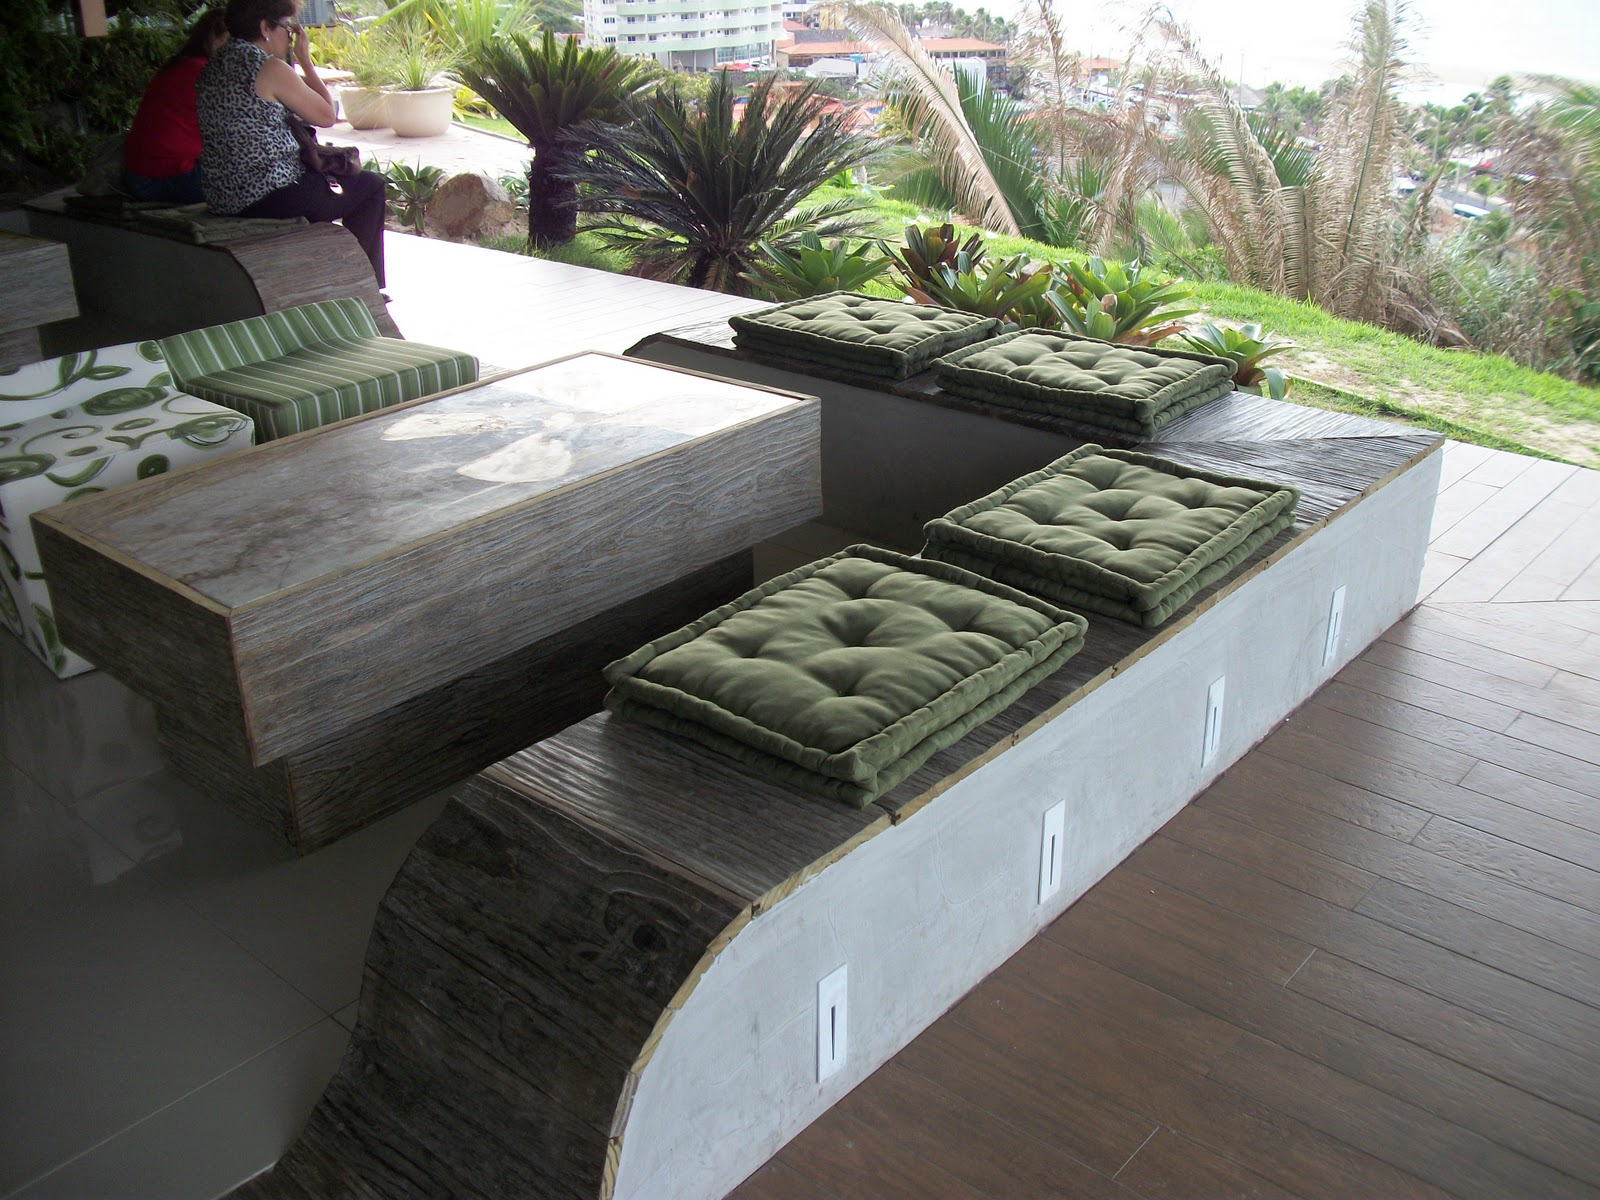 banco em concreto com acabamento em madeira e os futons verde musgo #6B8249 1600x1200